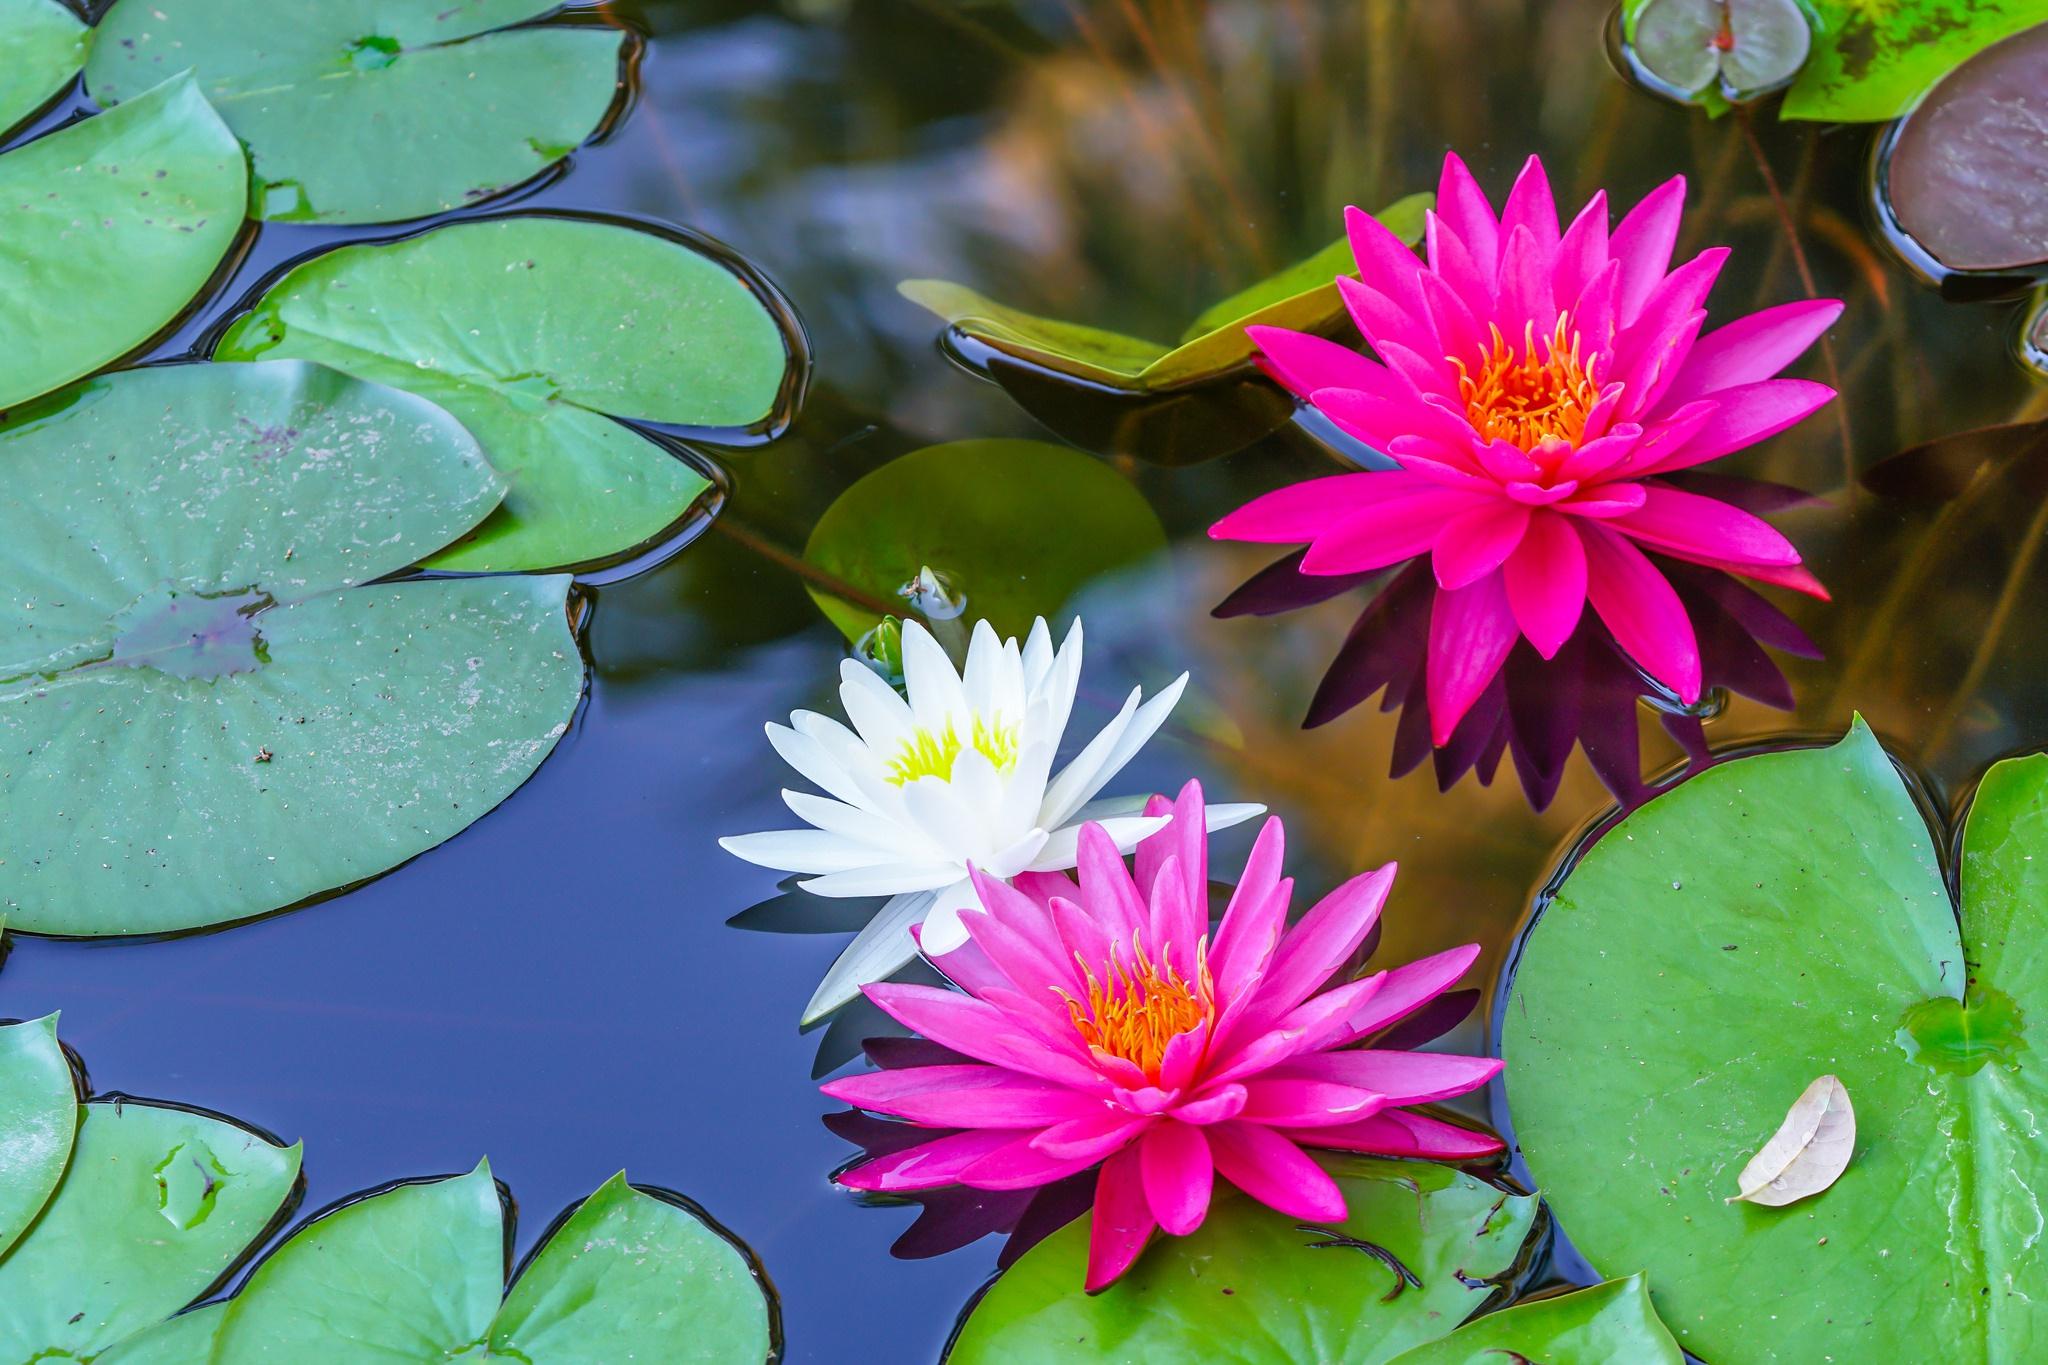 цветы водяная лилия фото картинки родилась